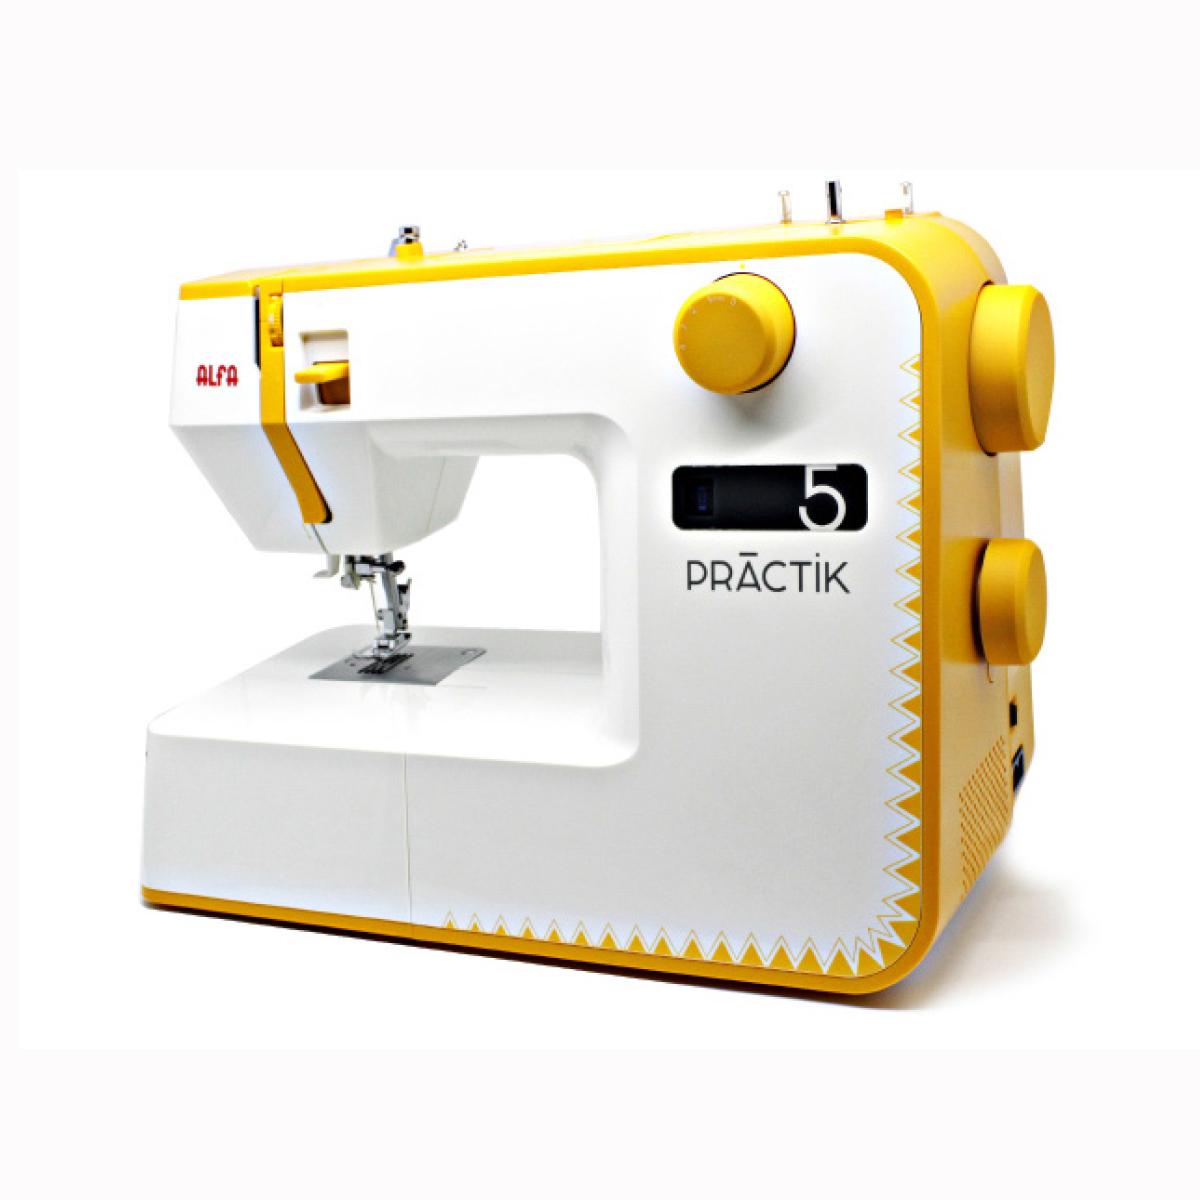 Maquina de coser PRACTIK 5 | Alfa - Mercerlob